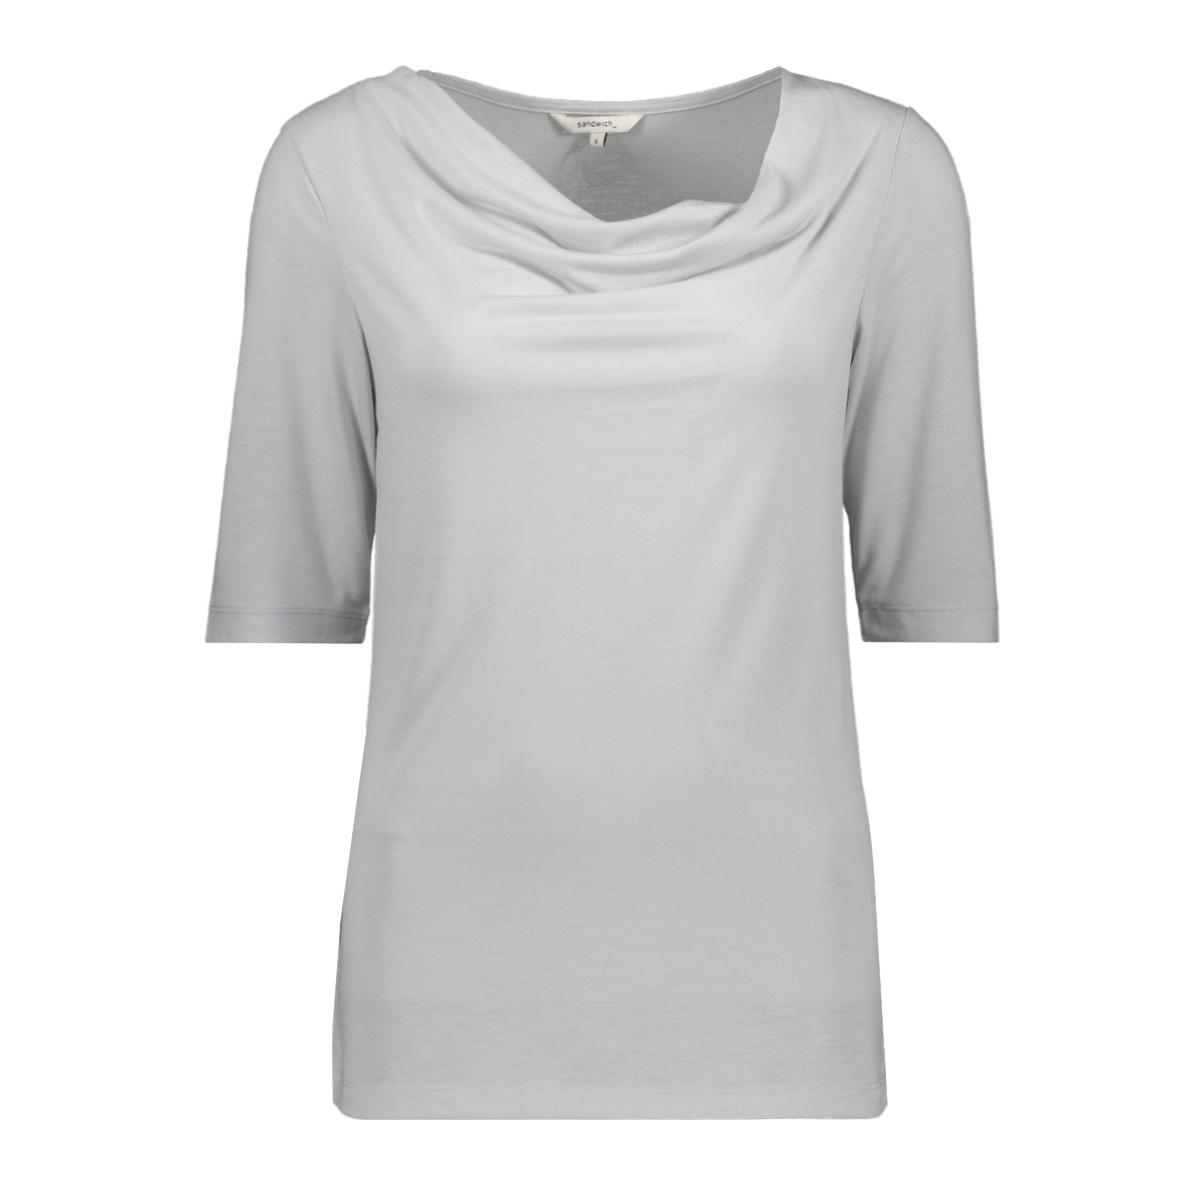 t shirt met waterval hals 21101707 sandwich t-shirt 80042